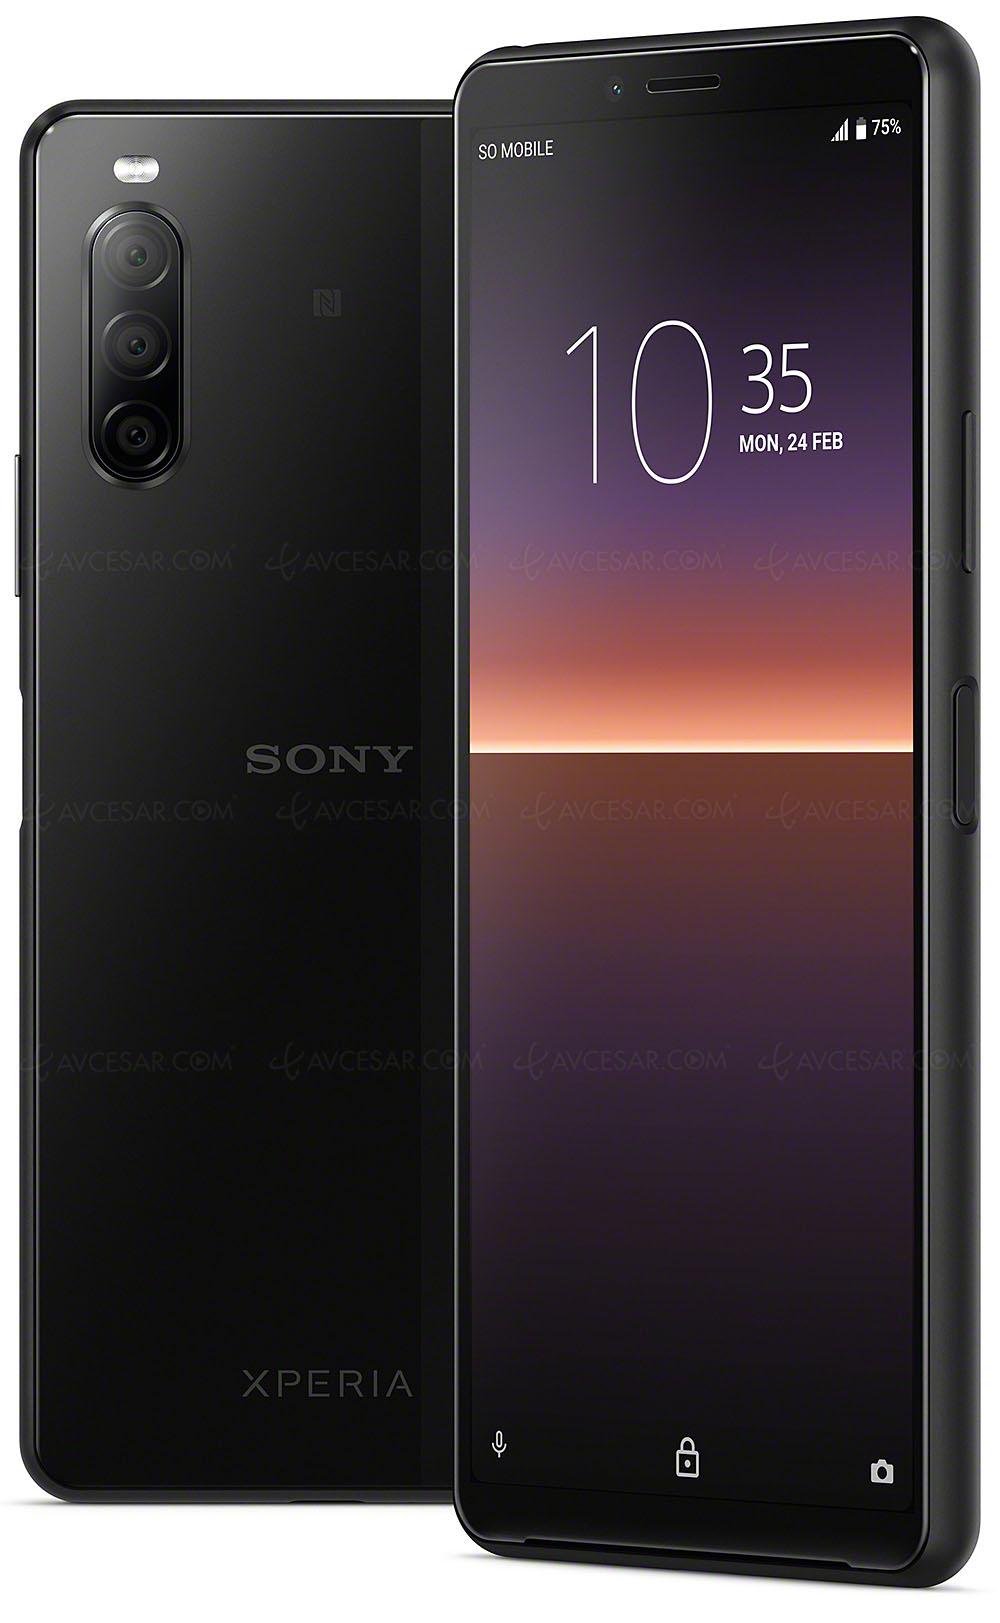 Smartphone Sony Xperia 10 Ii Ecran 21 9 Oled Resistant Resiste A L Eau Et Triple Capteur Photo